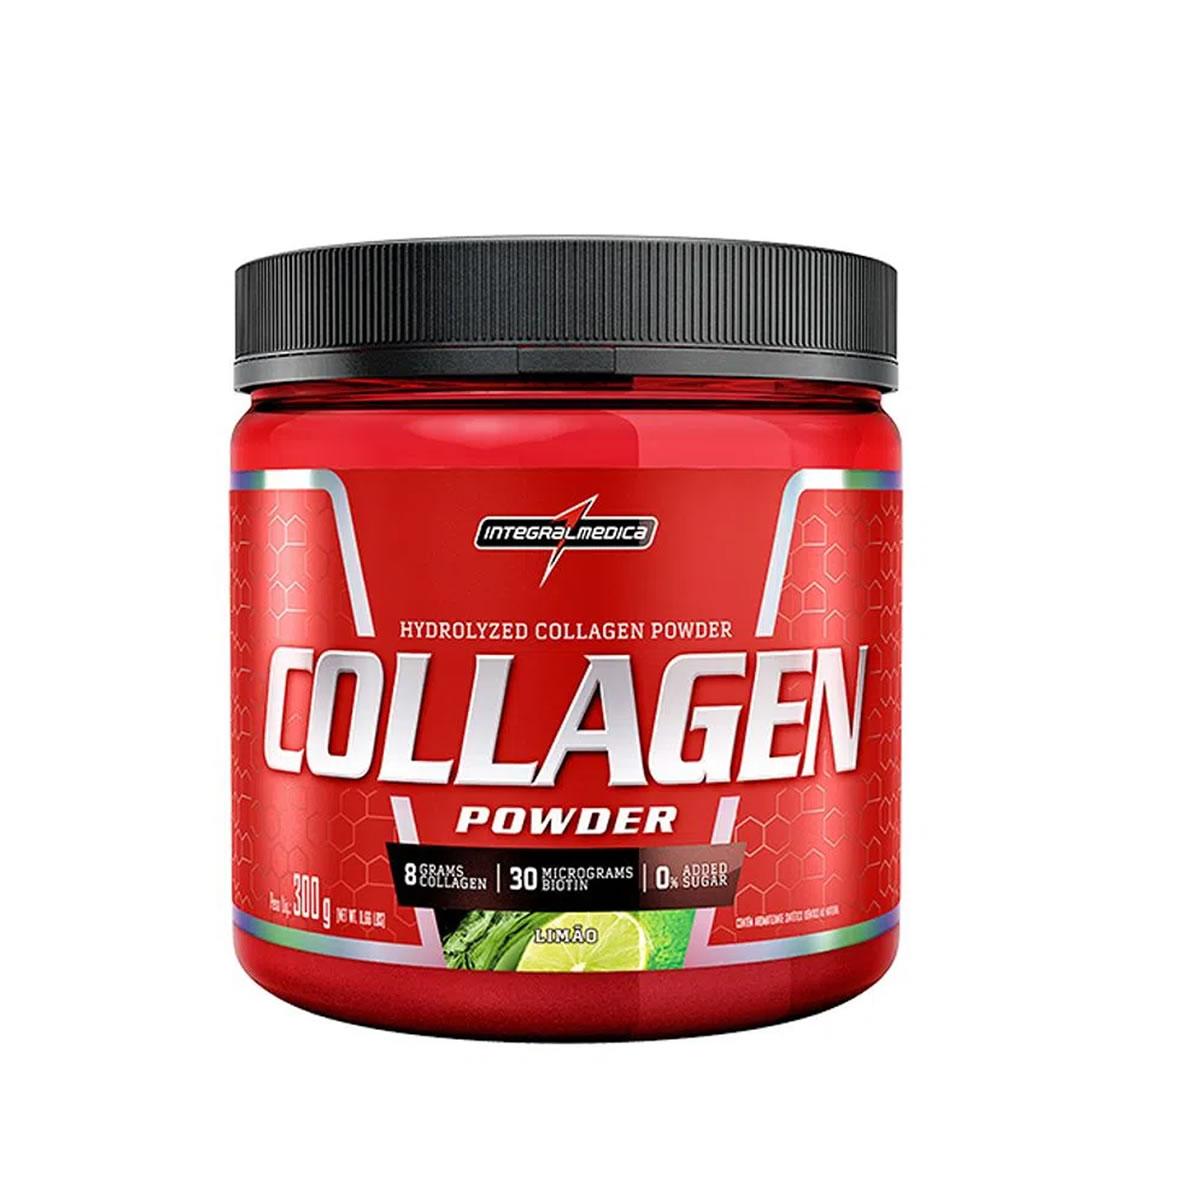 Collagen Powder sabor Limão 300g - Integralmedica